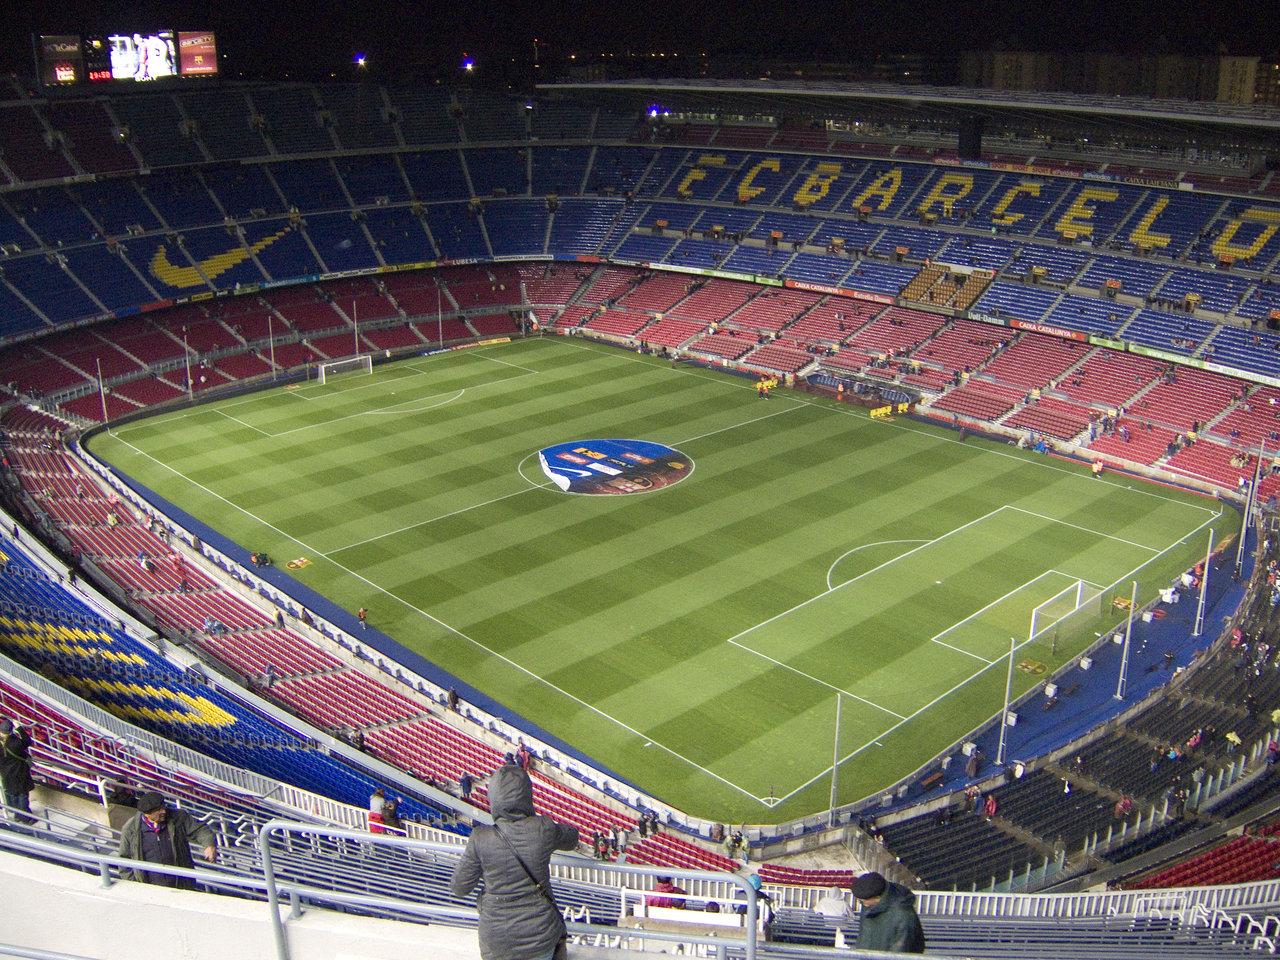 http://4.bp.blogspot.com/_-vYVAnsL9Hw/TSAnkk0-6oI/AAAAAAAAAFk/t7YTqD0E0bA/s1600/Barcelona-Stadium-wallpaper-790.jpg